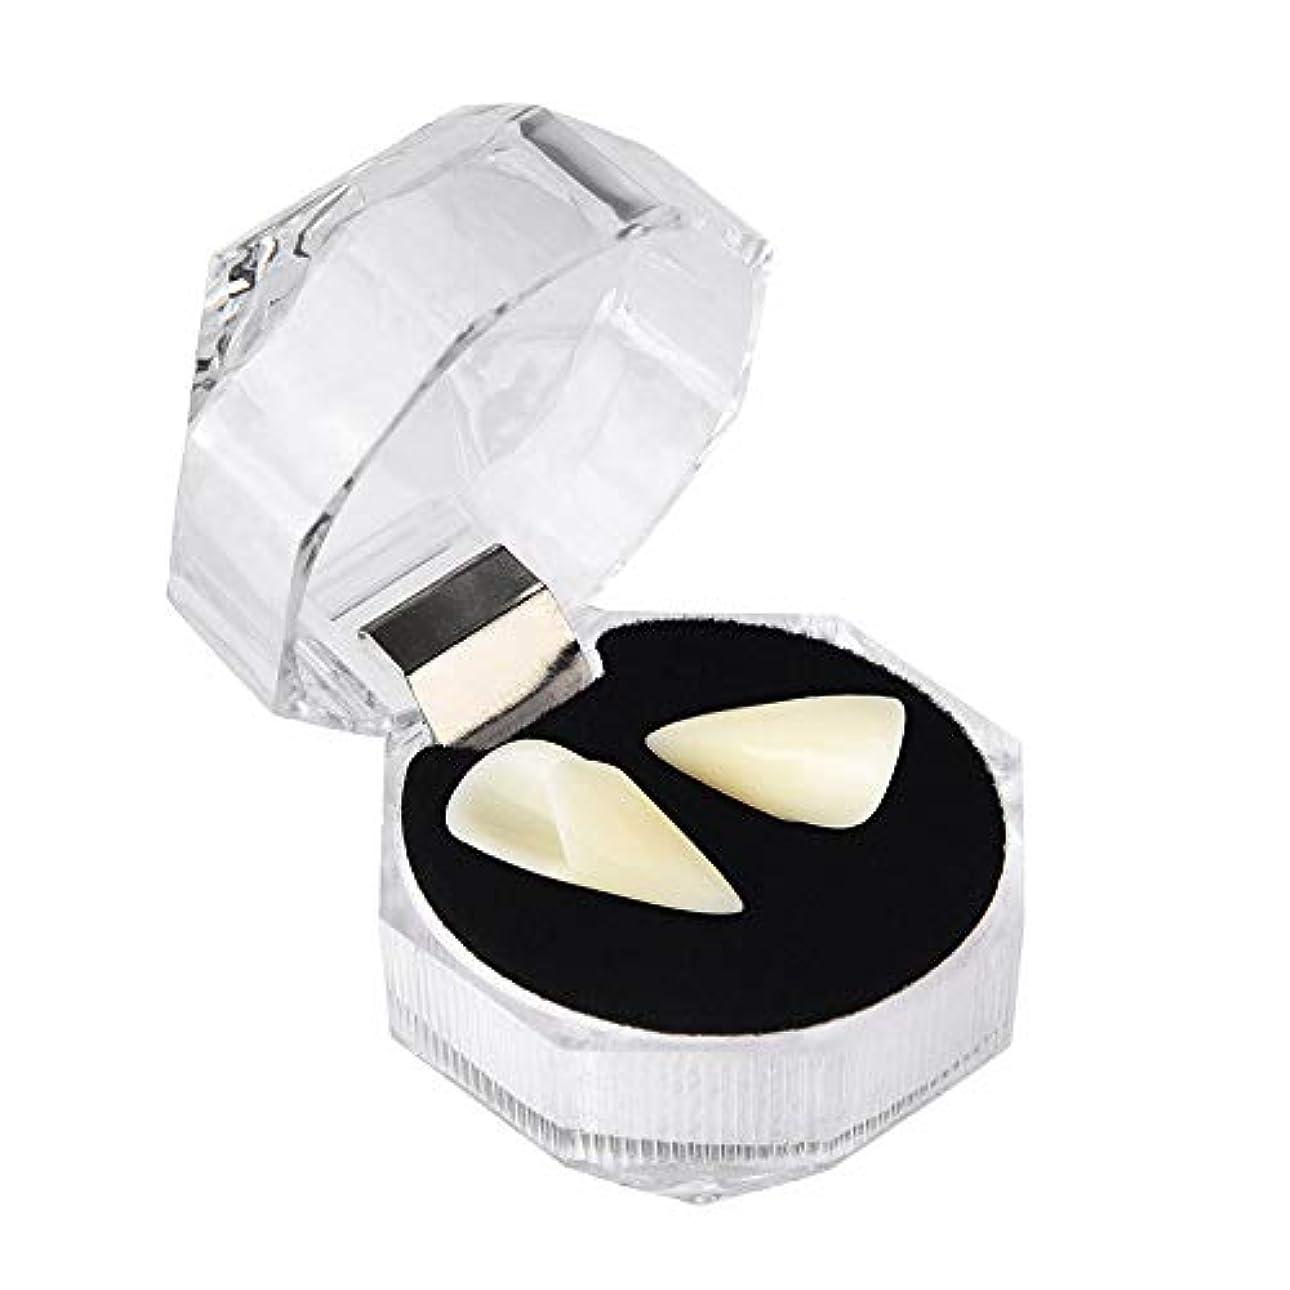 司令官全部石のユニセックスハロウィーンロールプレイングゾンビ義歯、樹脂にやさしい食品グレード義歯(13mm、15mm、17mm、19mm),19mm